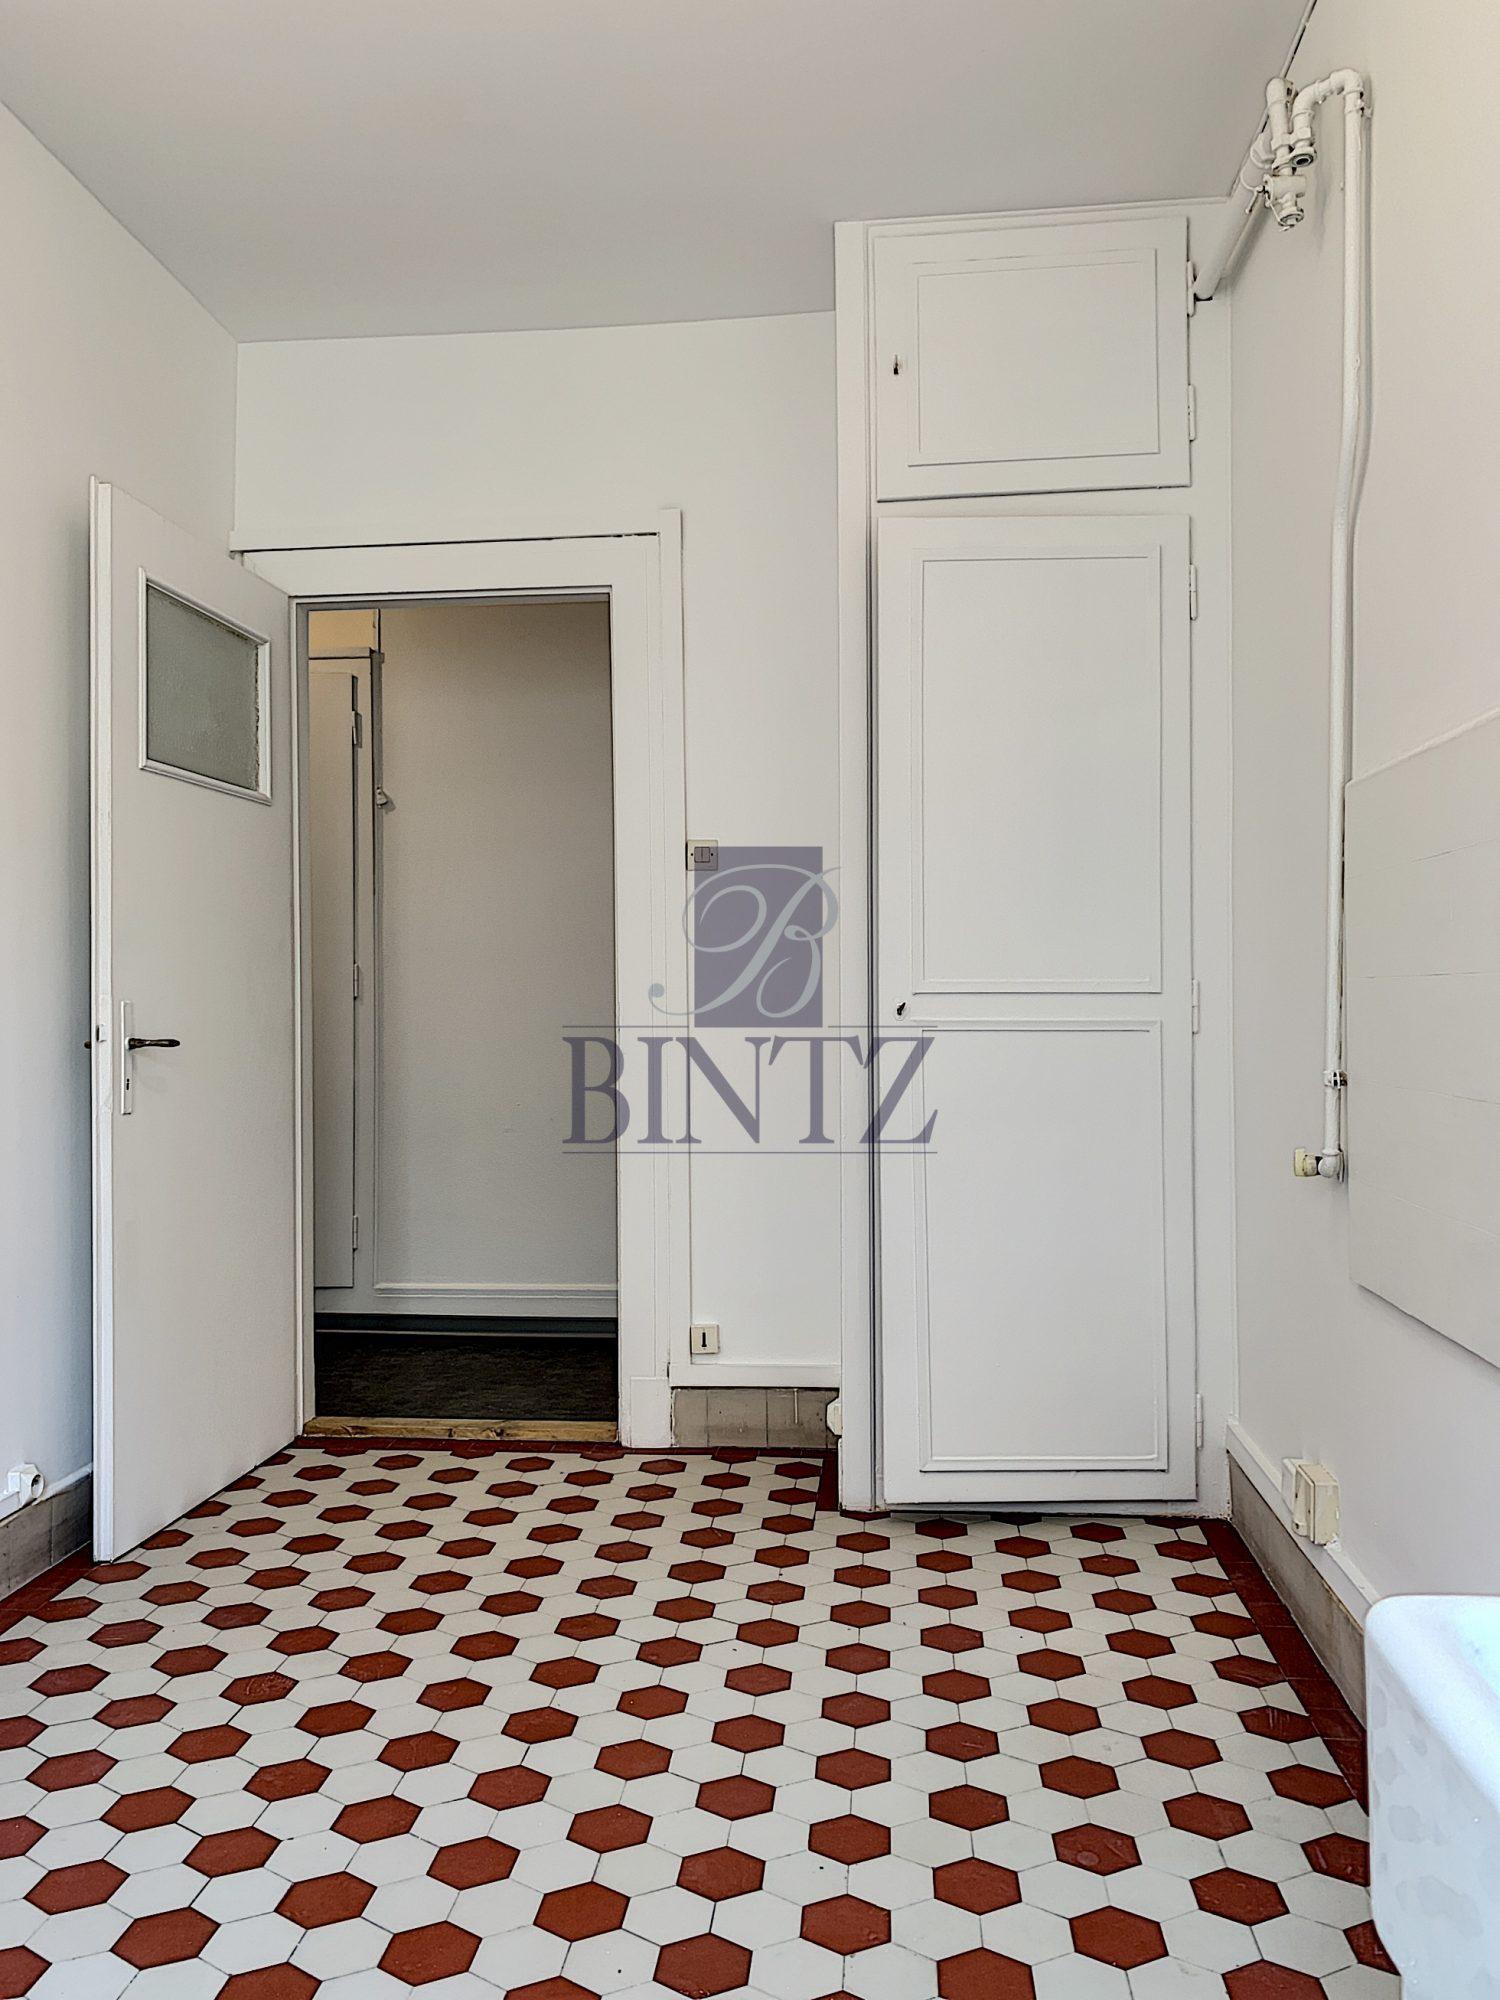 T1 AVEC BALCON KRUTENAU - Devenez locataire en toute sérénité - Bintz Immobilier - 2